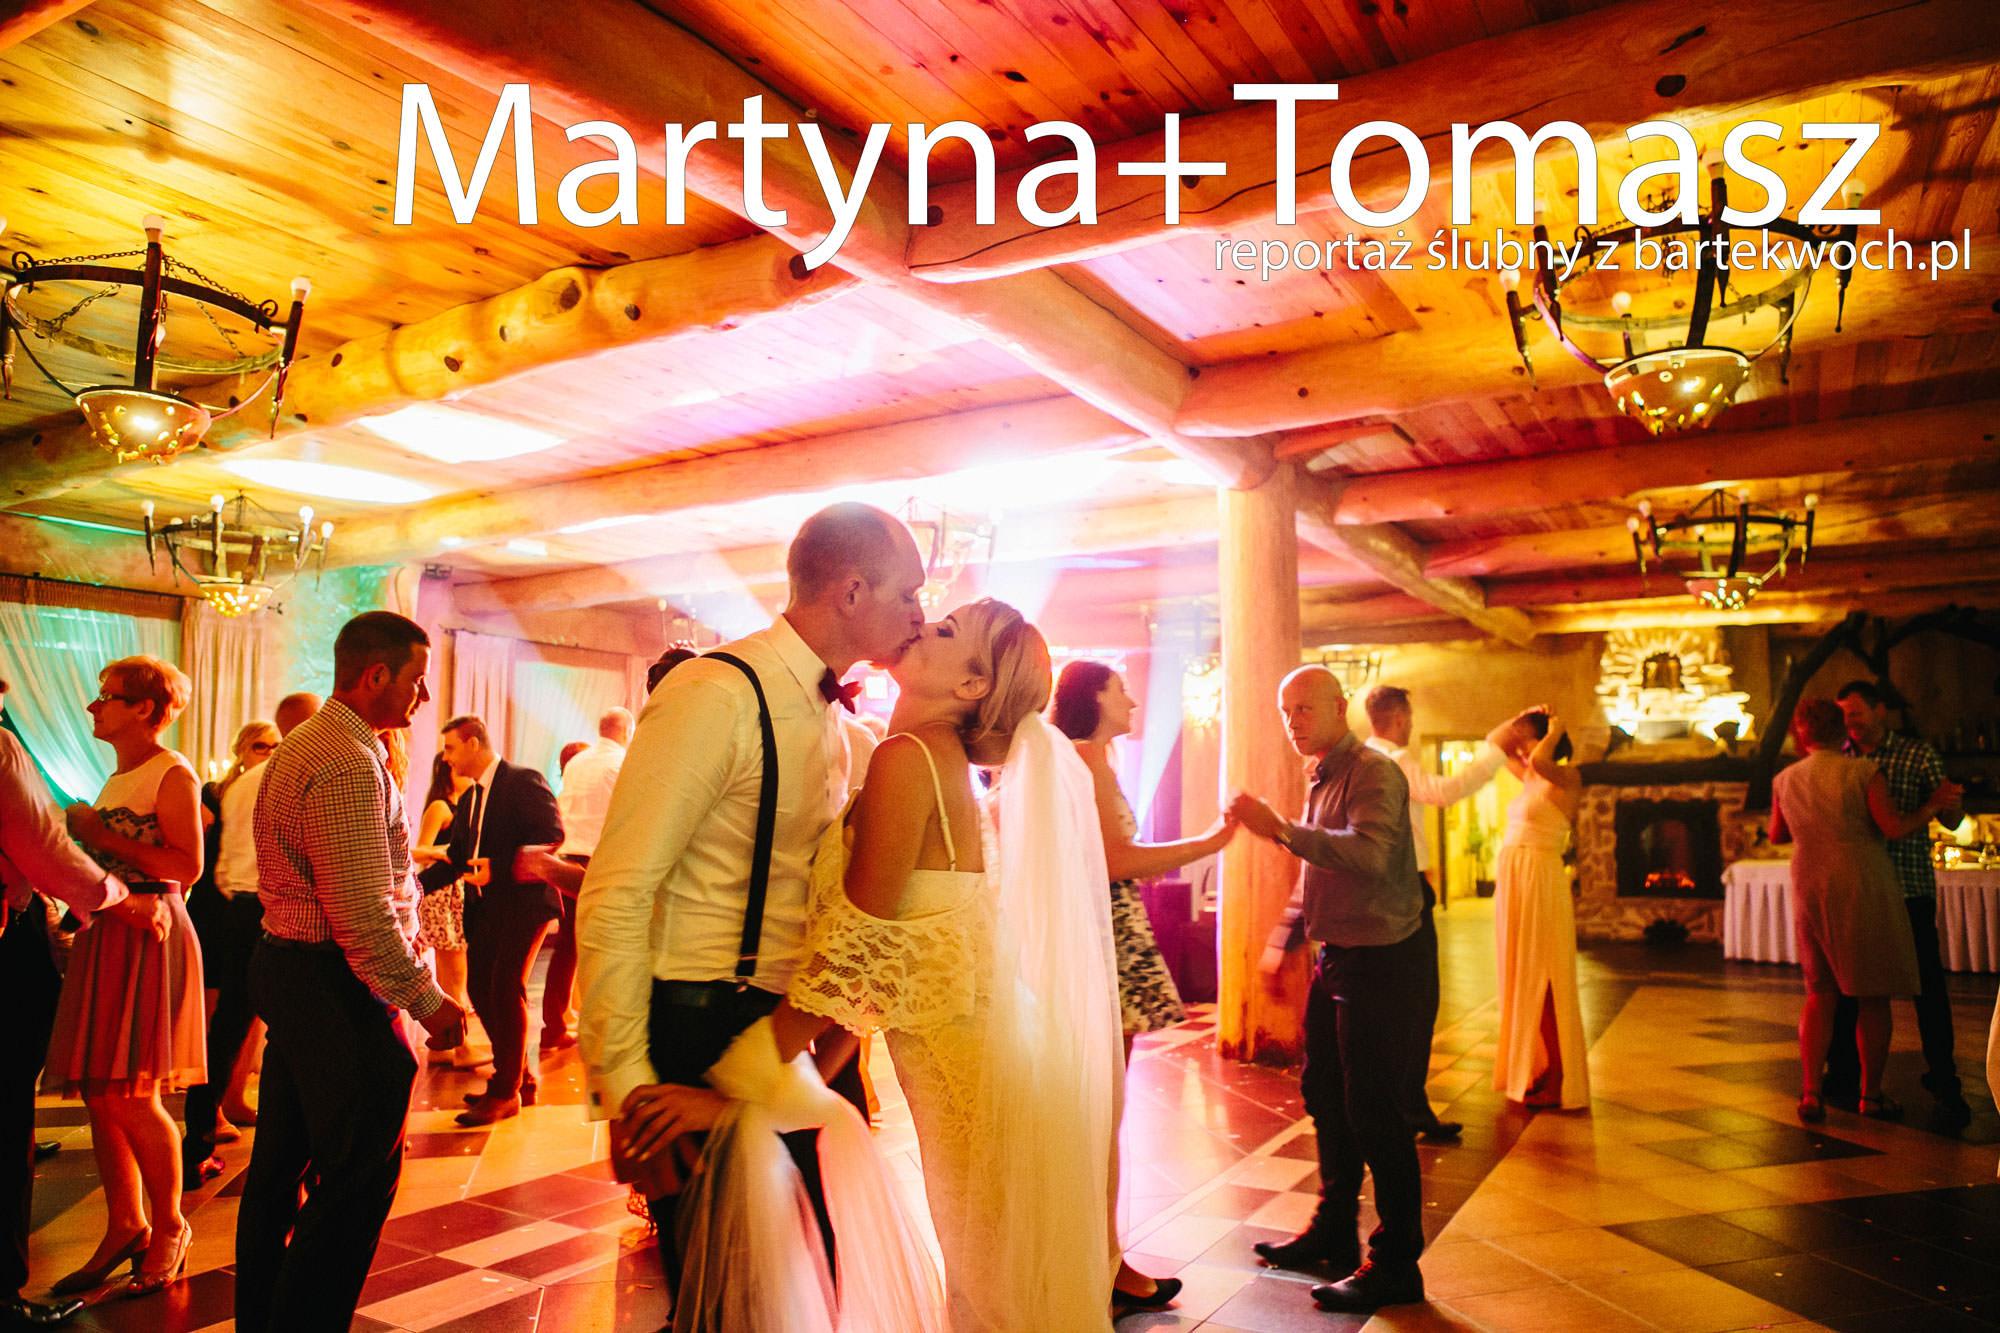 fotografia ślubna, ślub, wesele, slub, zabawa, wedding, party, bartekwoch_2016-07-19-martyna-tomasz_0001_WEB Martyna+Tomasz oraz ich wesele idealne